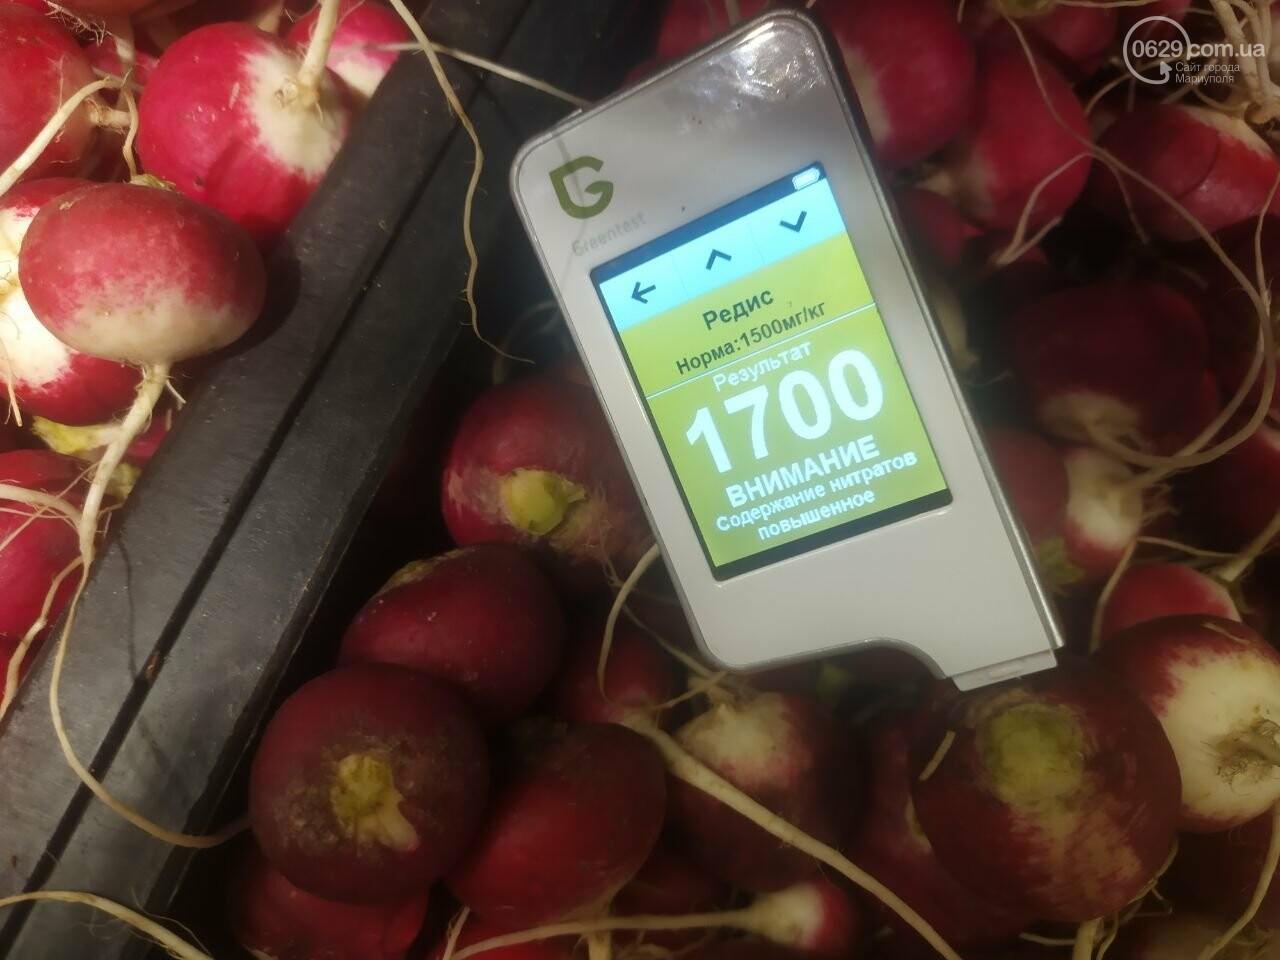 Осторожно, нитраты! В супермаркетах Мариуполя продают опасную редиску и капусту, - ФОТО, фото-5